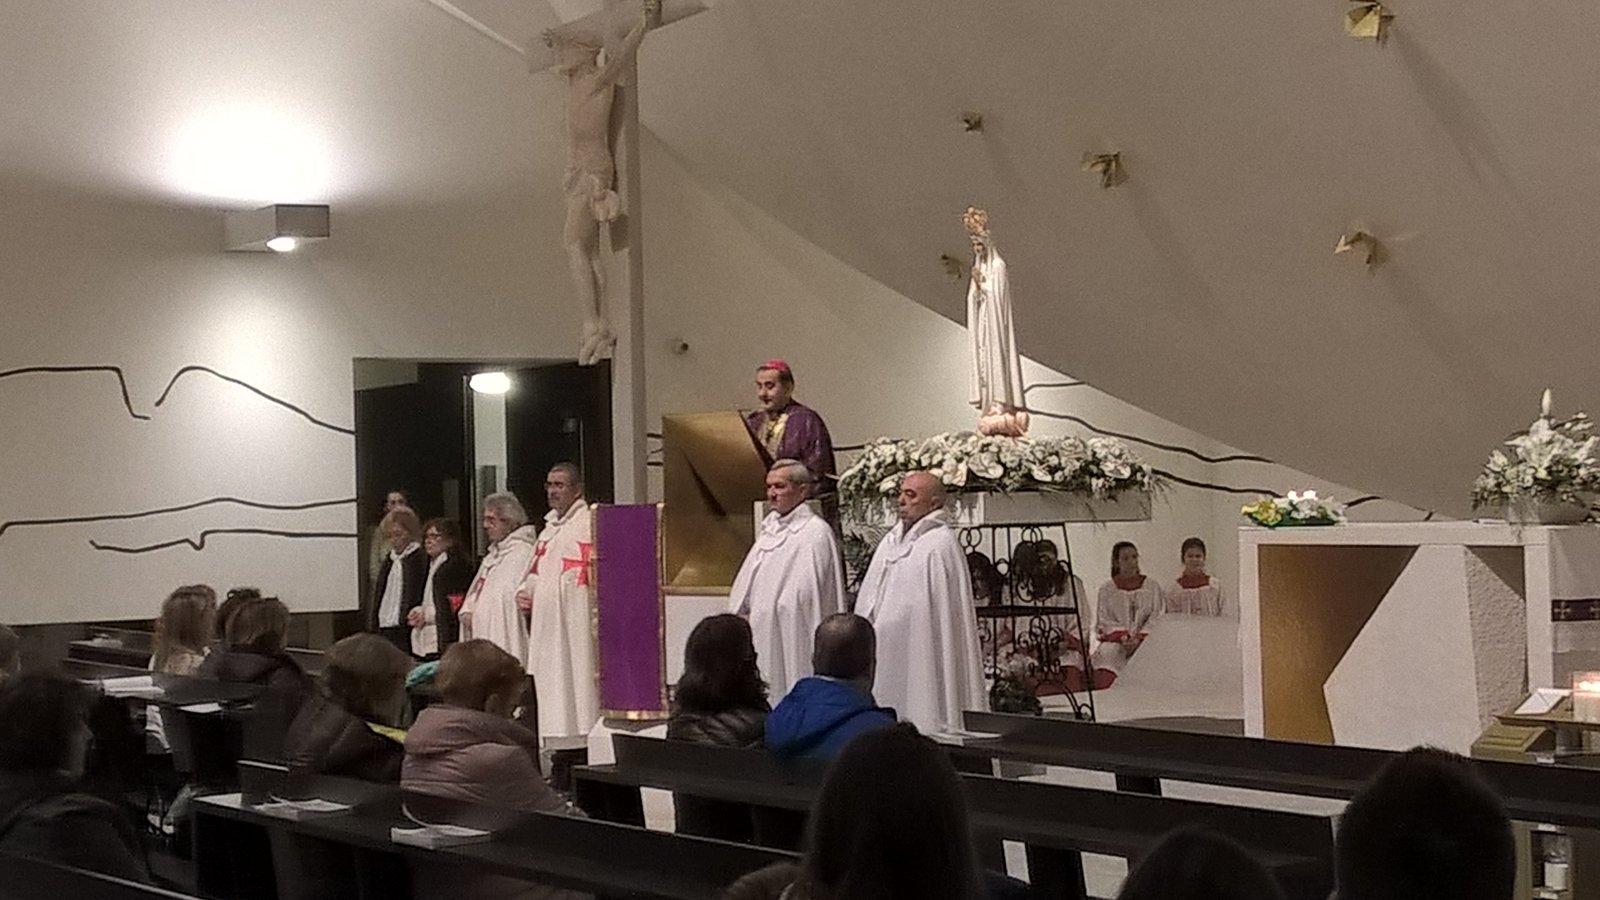 Our Lady Pilgrim of Fatima in Trezzano sul Naviglio with Mons. Mario Delpini.